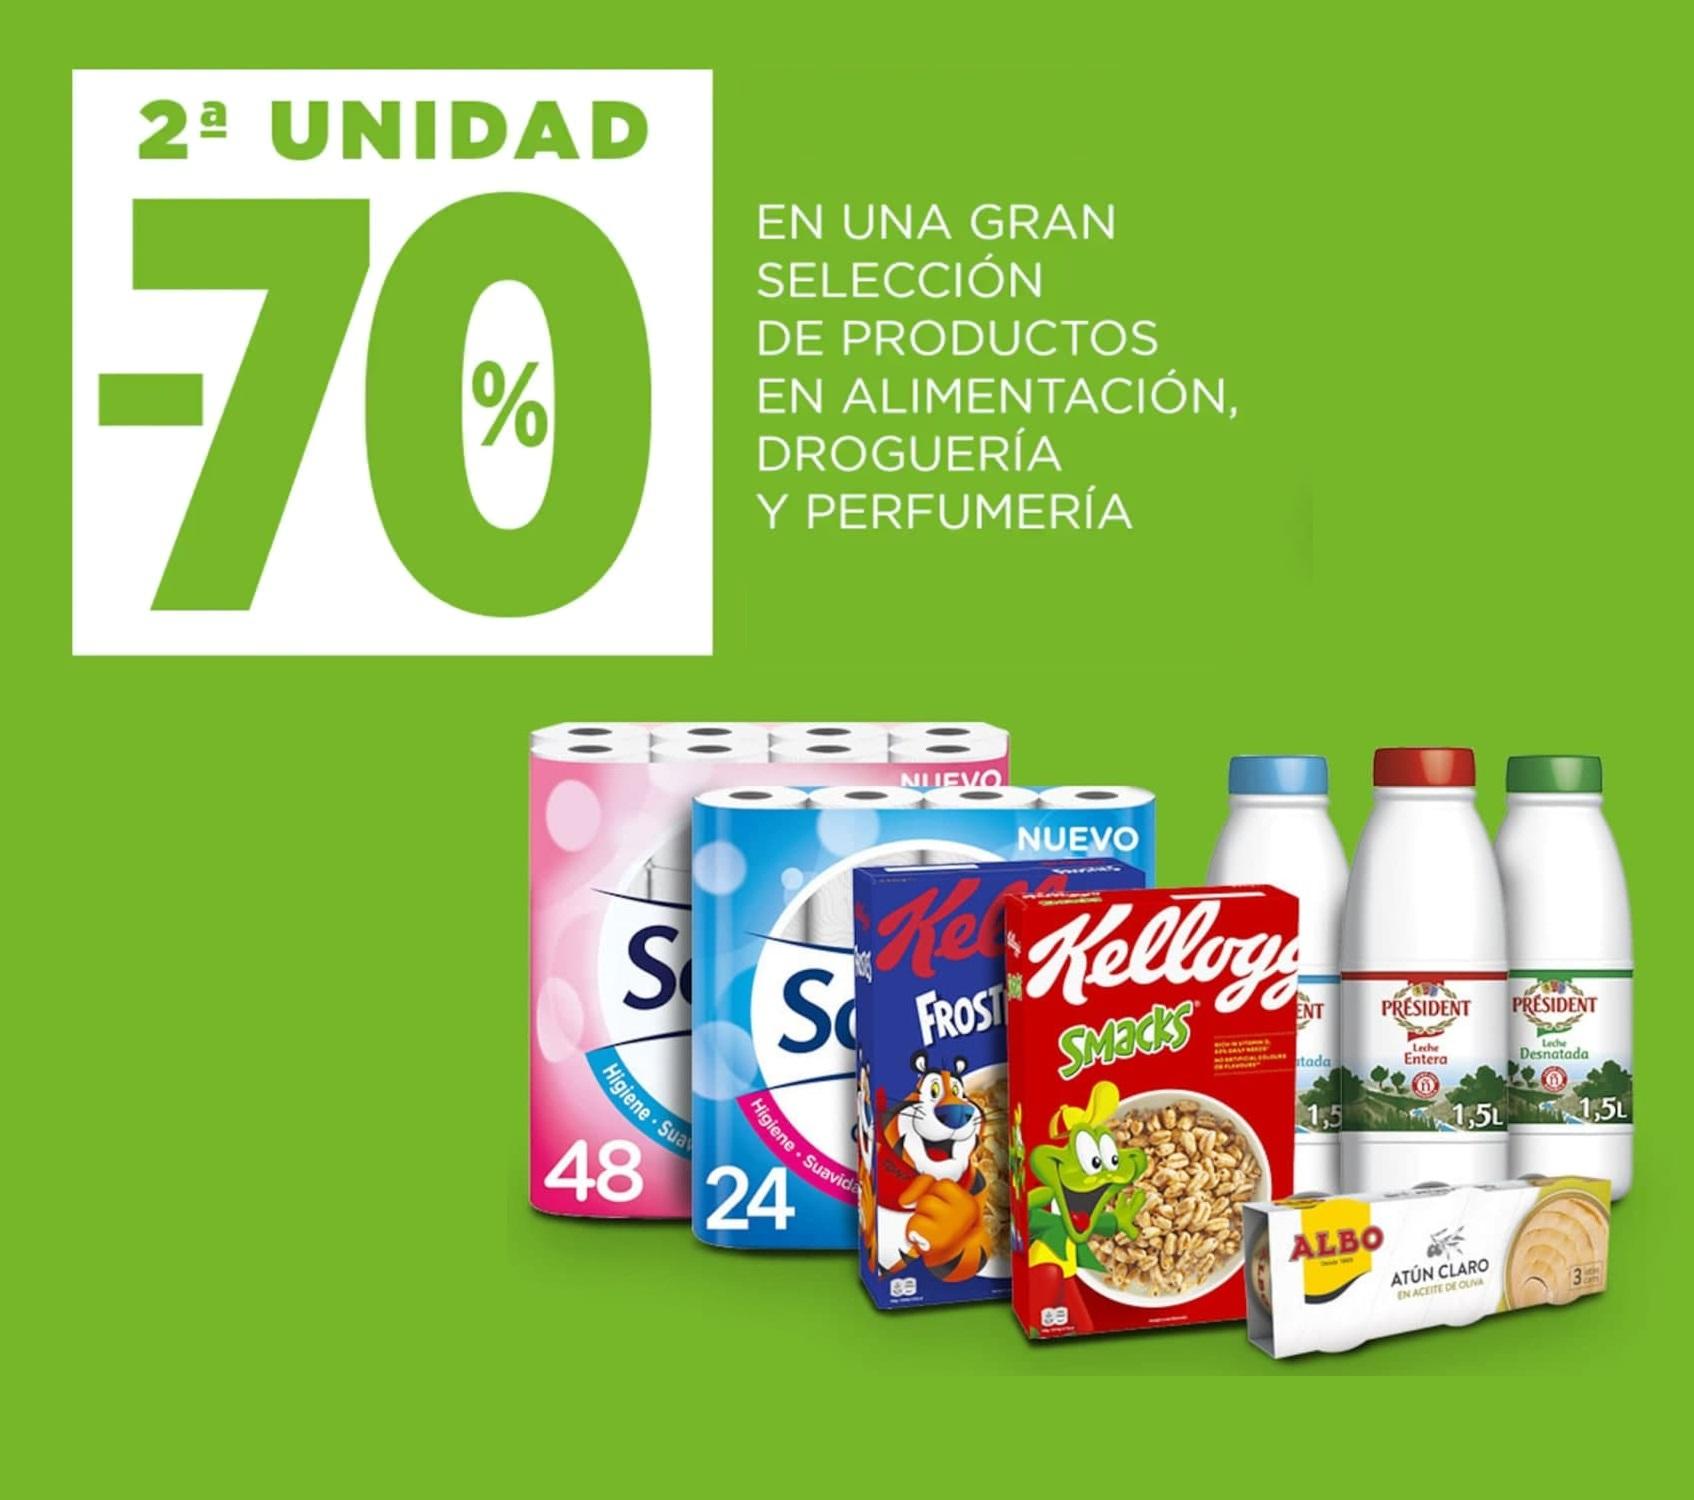 2da Unidad al -70% desde El Corte Inglés en productos de alimentación y demás